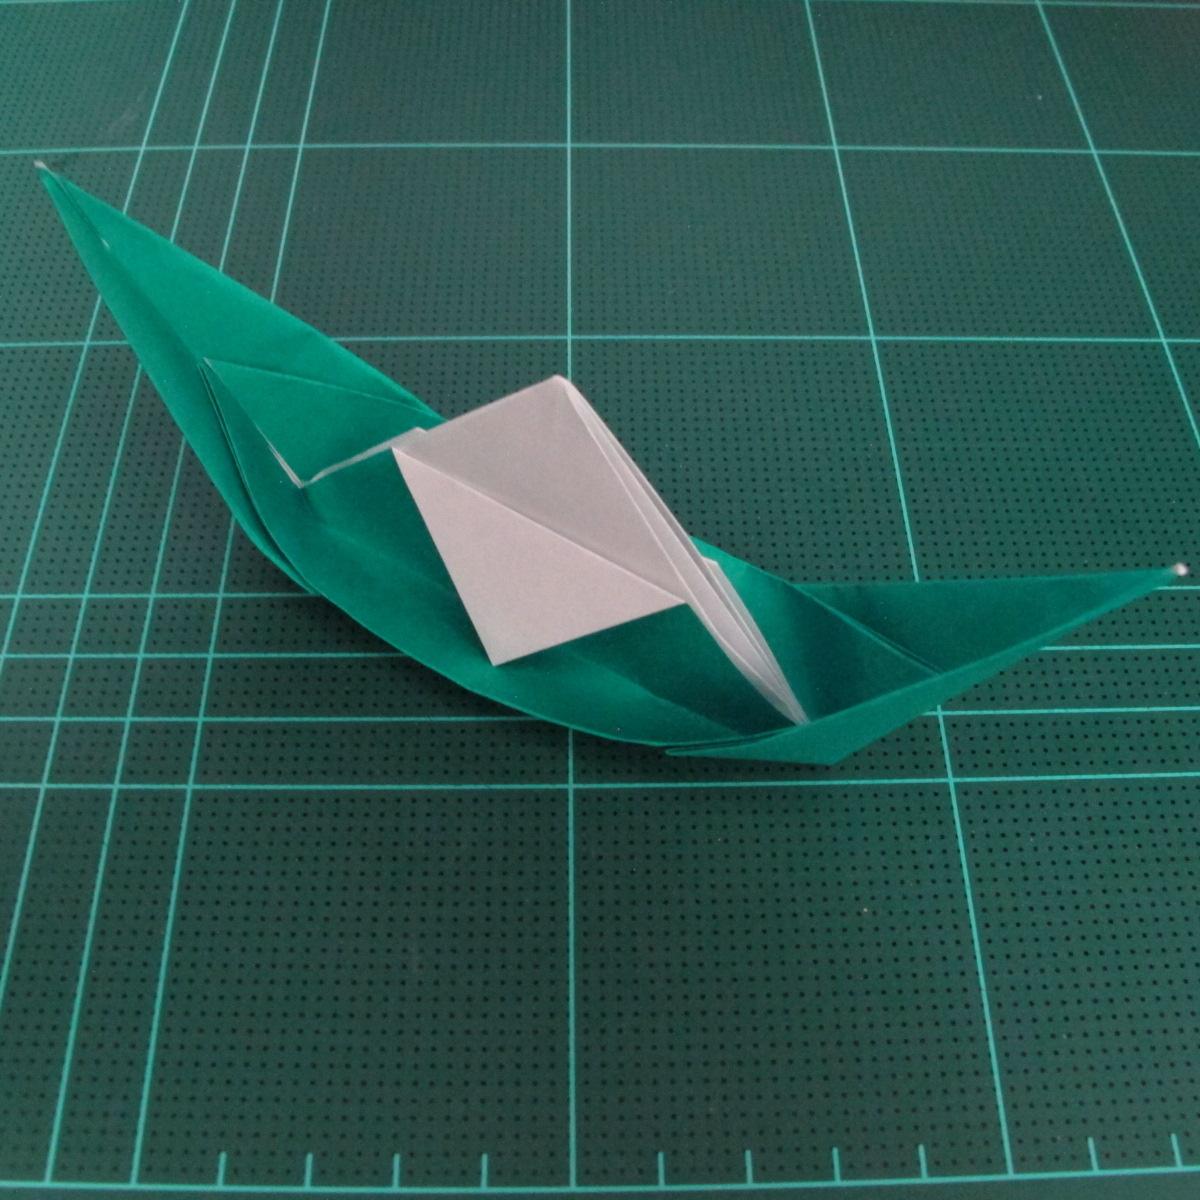 การพับกระดาษเป็นรูปเรือมังกร (Origami Dragon Boat) 025